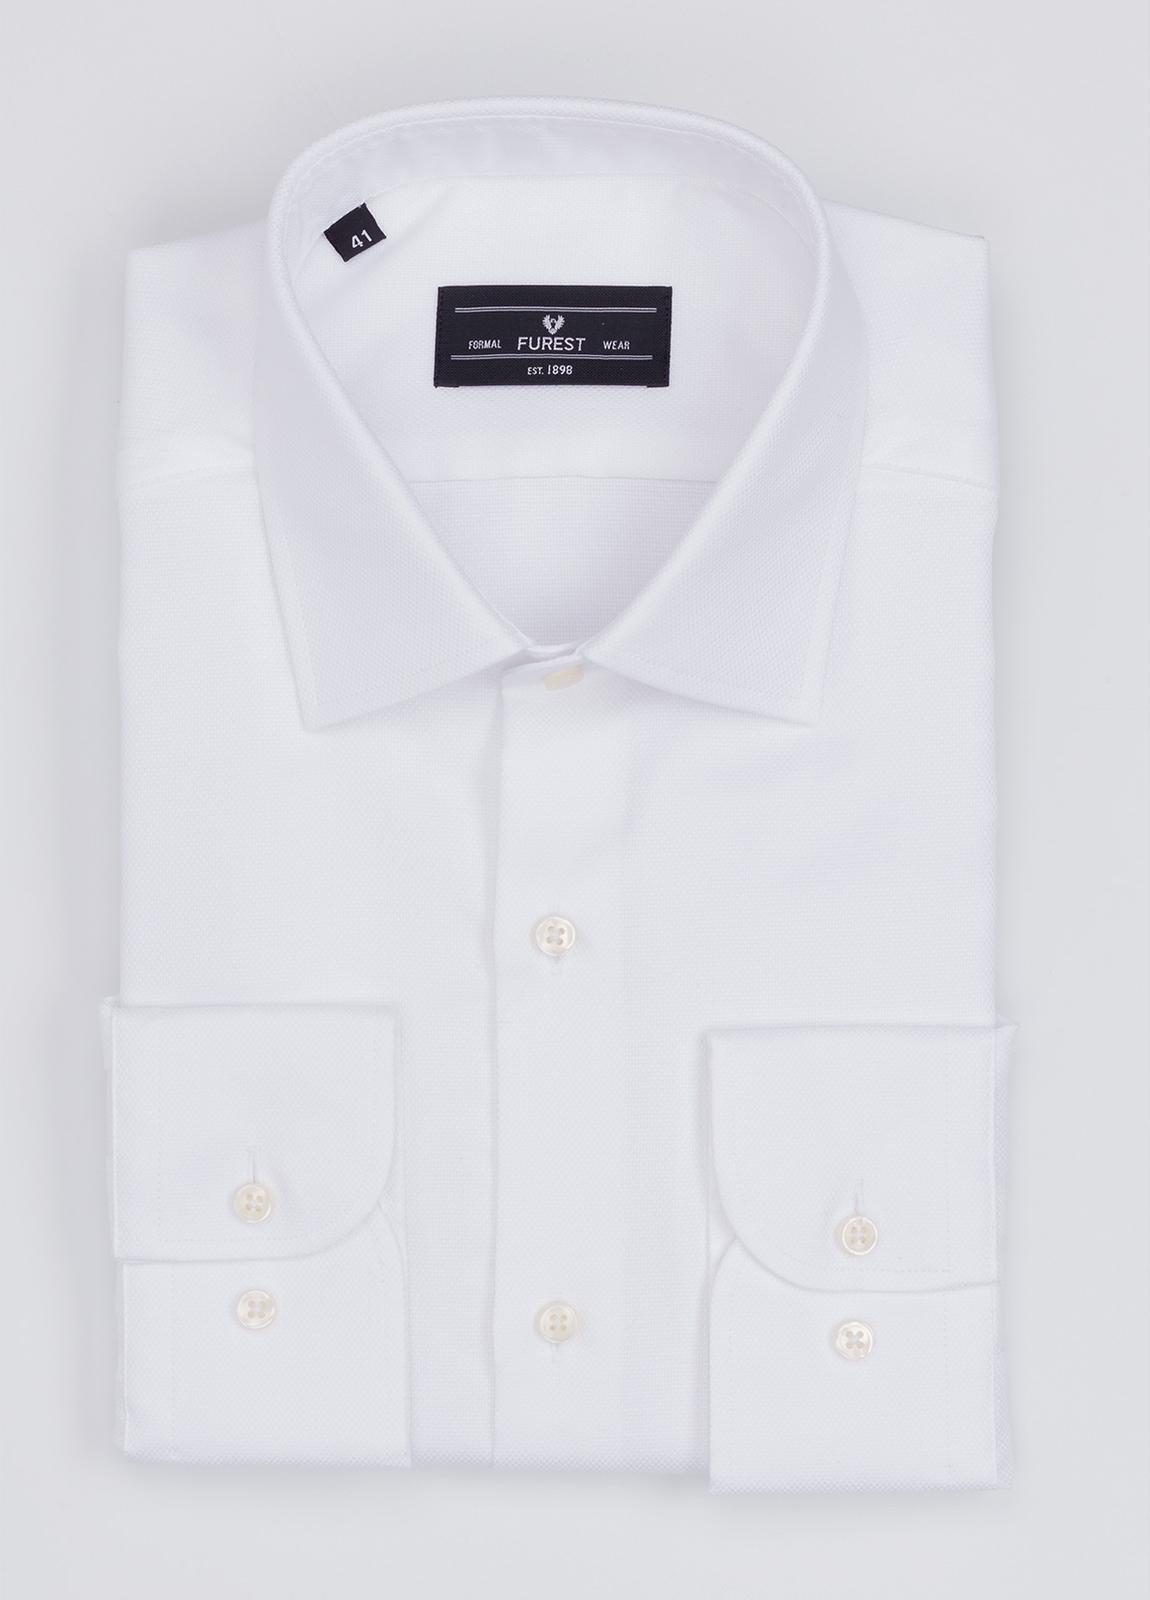 Camisa Formal Wear SLIM FIT cuello italiano modelo ROMA microtextura color blanco. 100% Algodón.